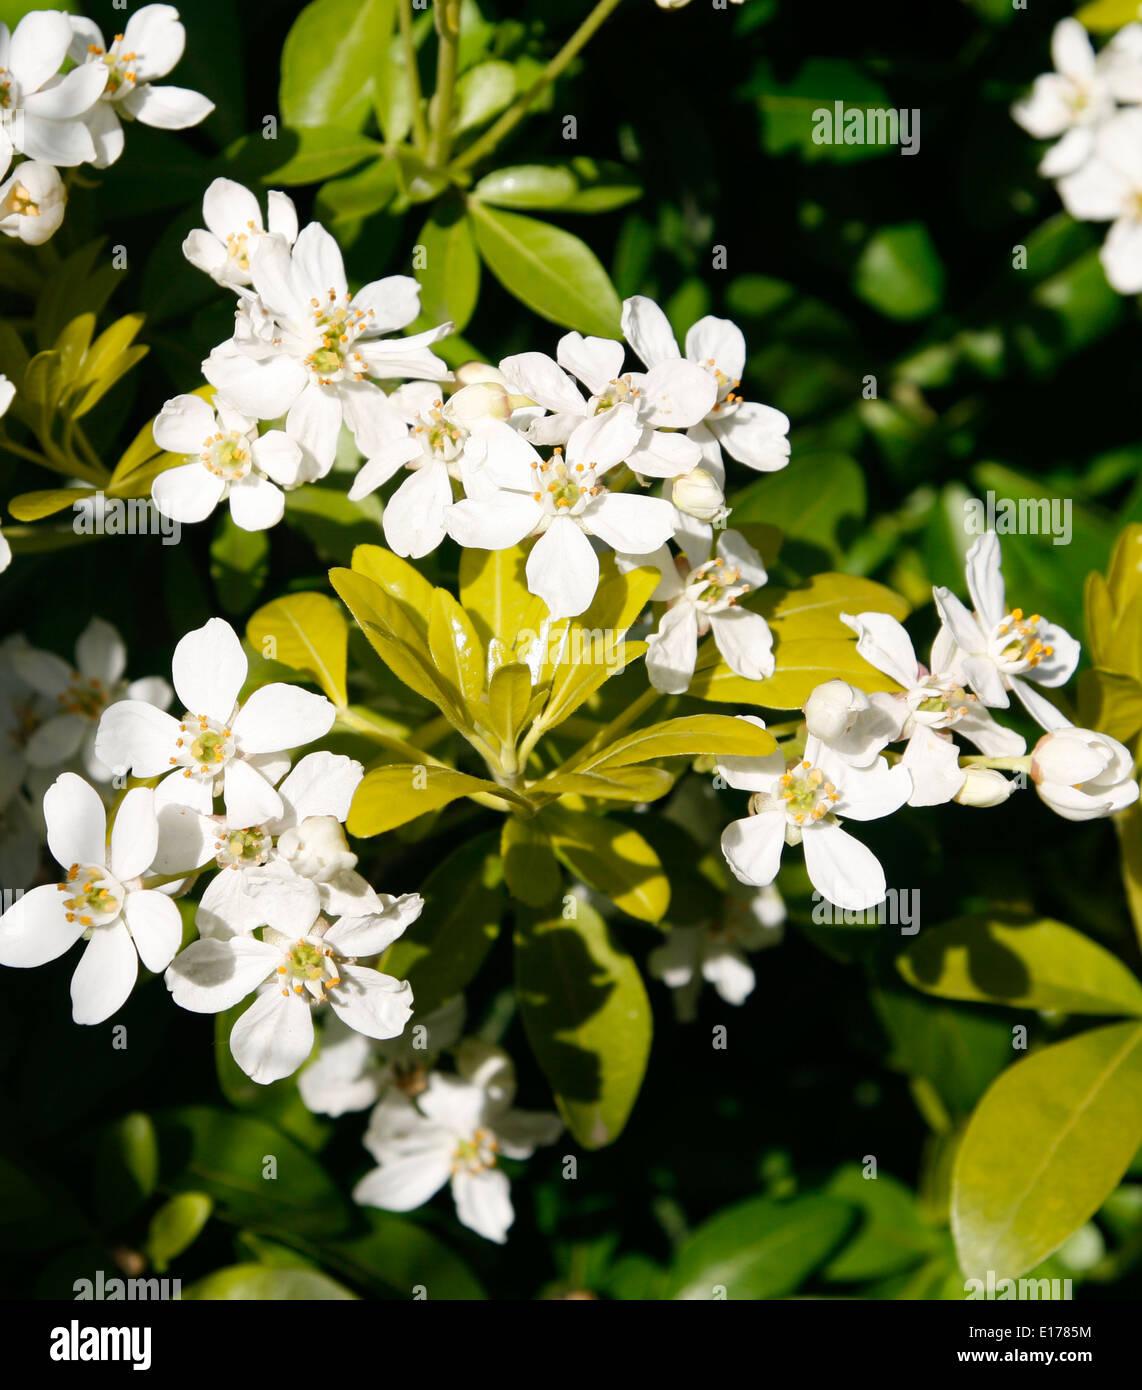 Garden shrub Choisya Worcester Worcestershire England UK - Stock Image